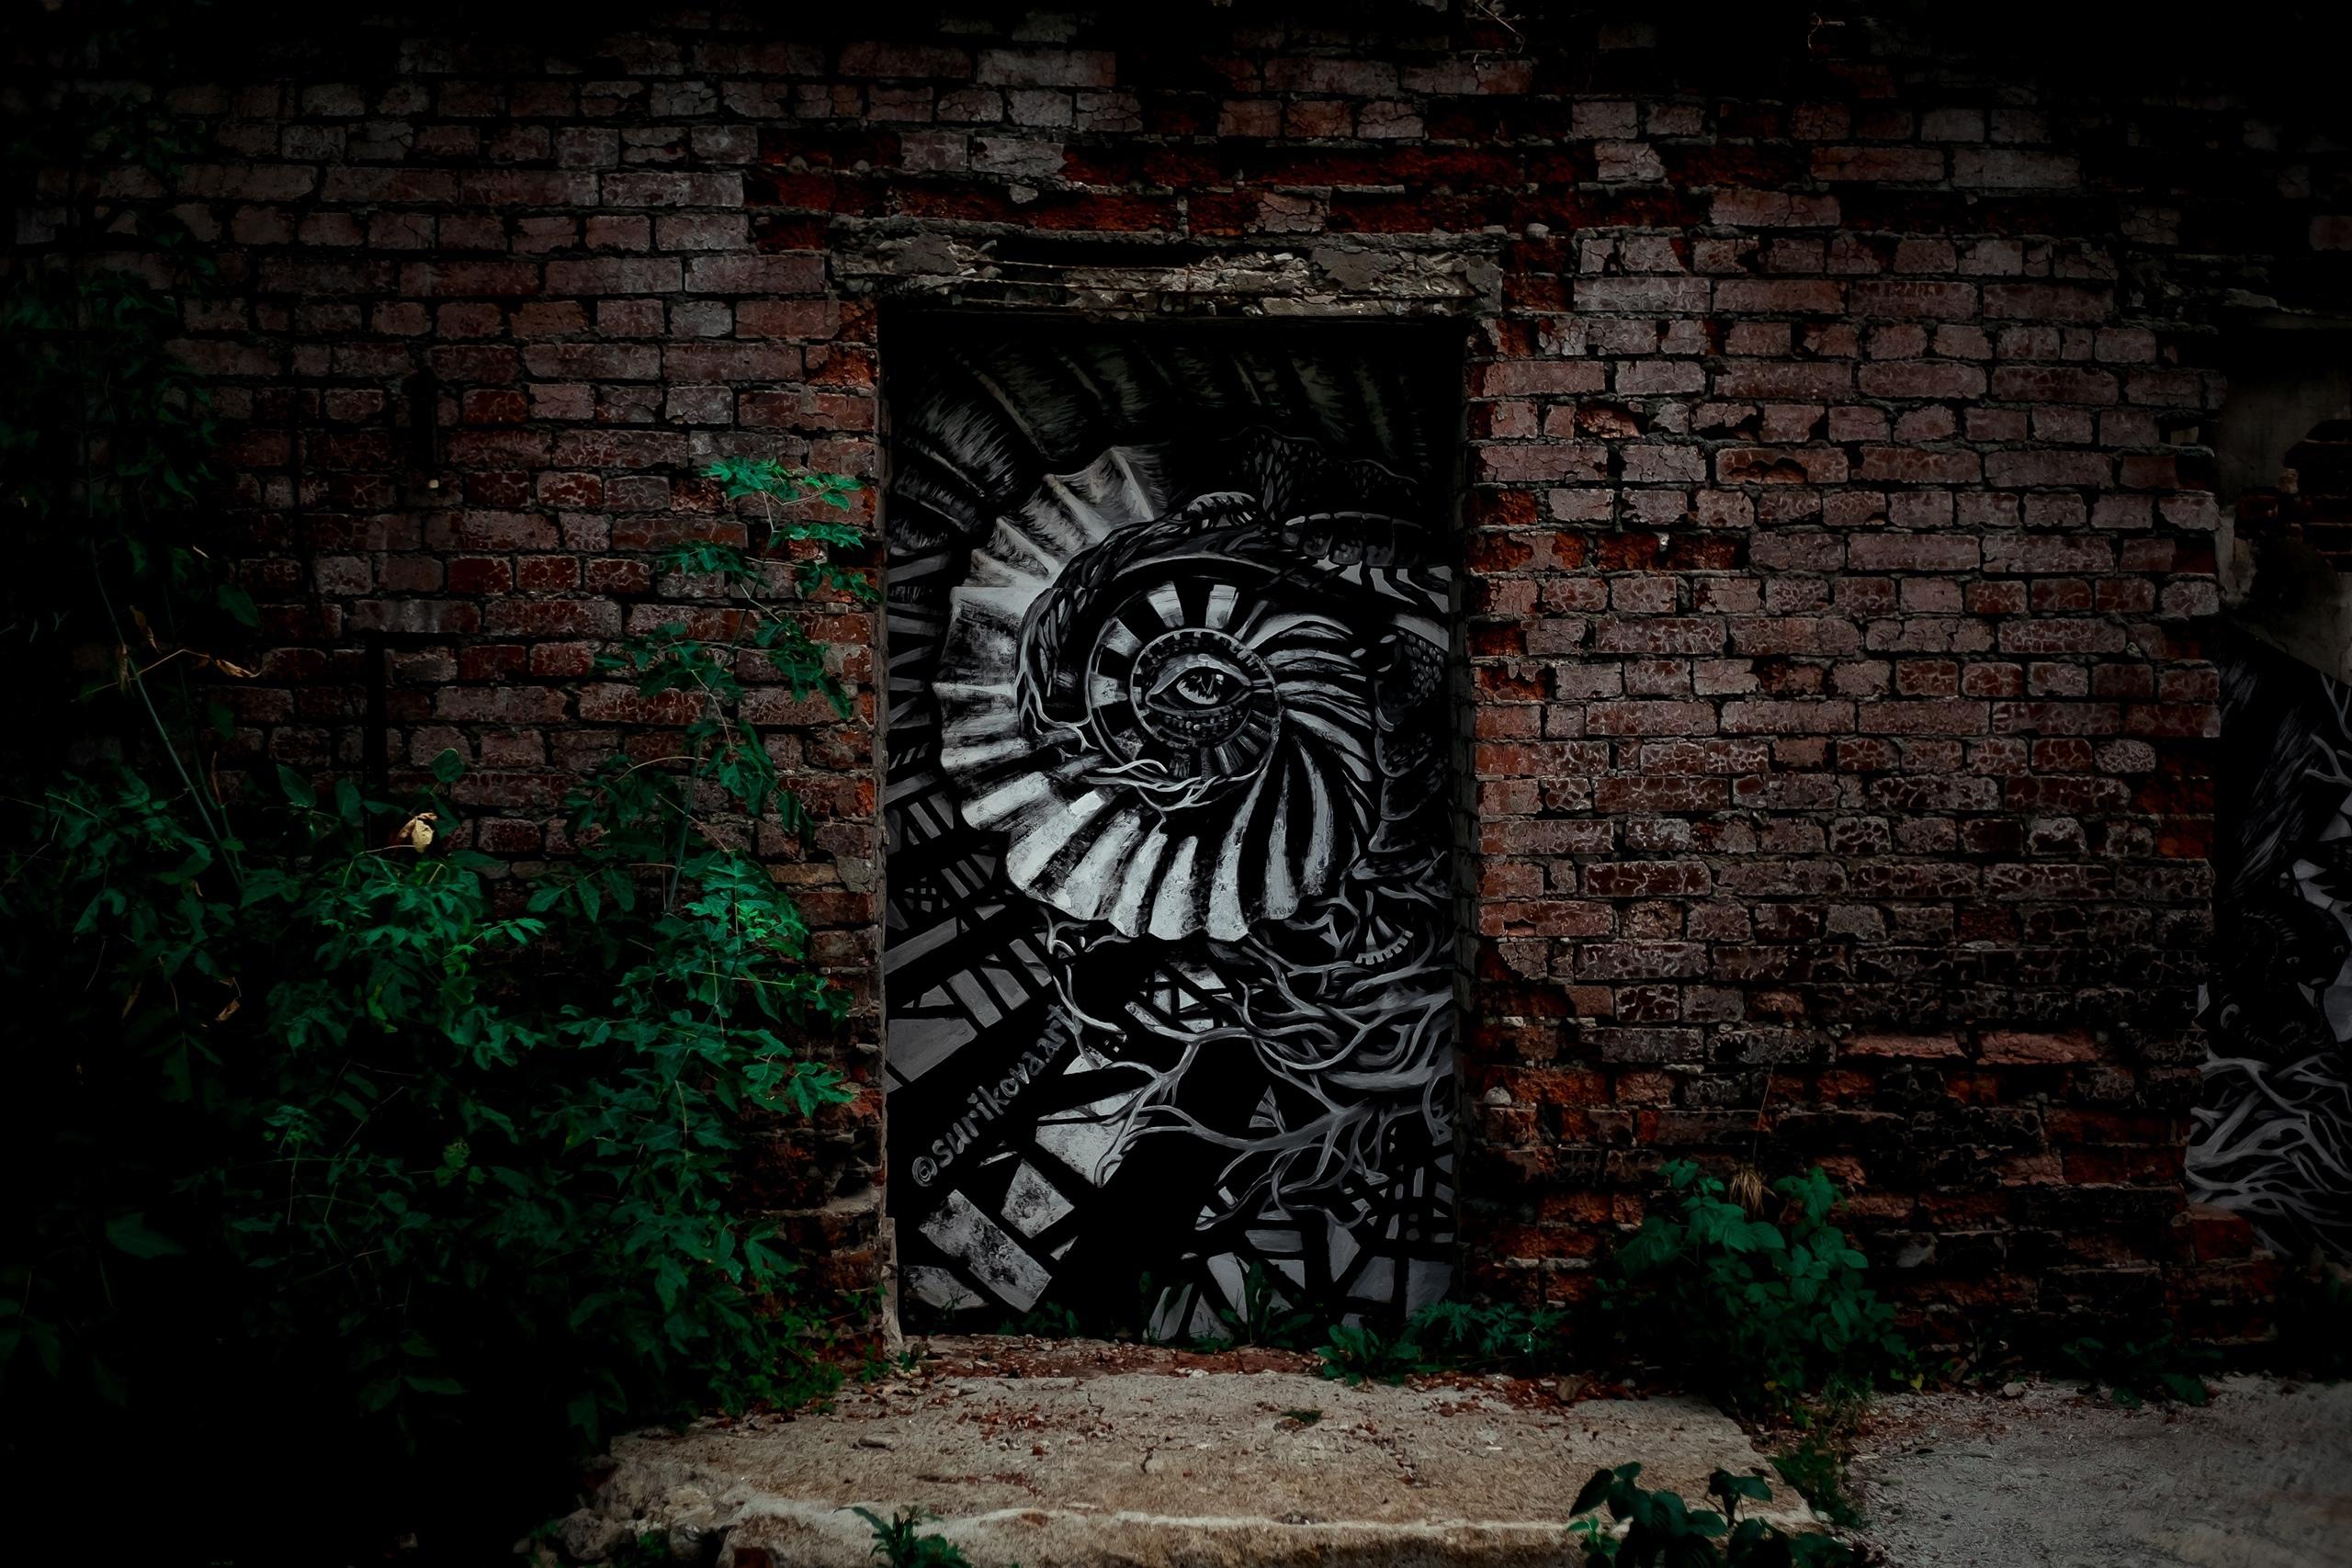 Сысерть заброшенный завод, ну или не совсем заброшенный) - Фото